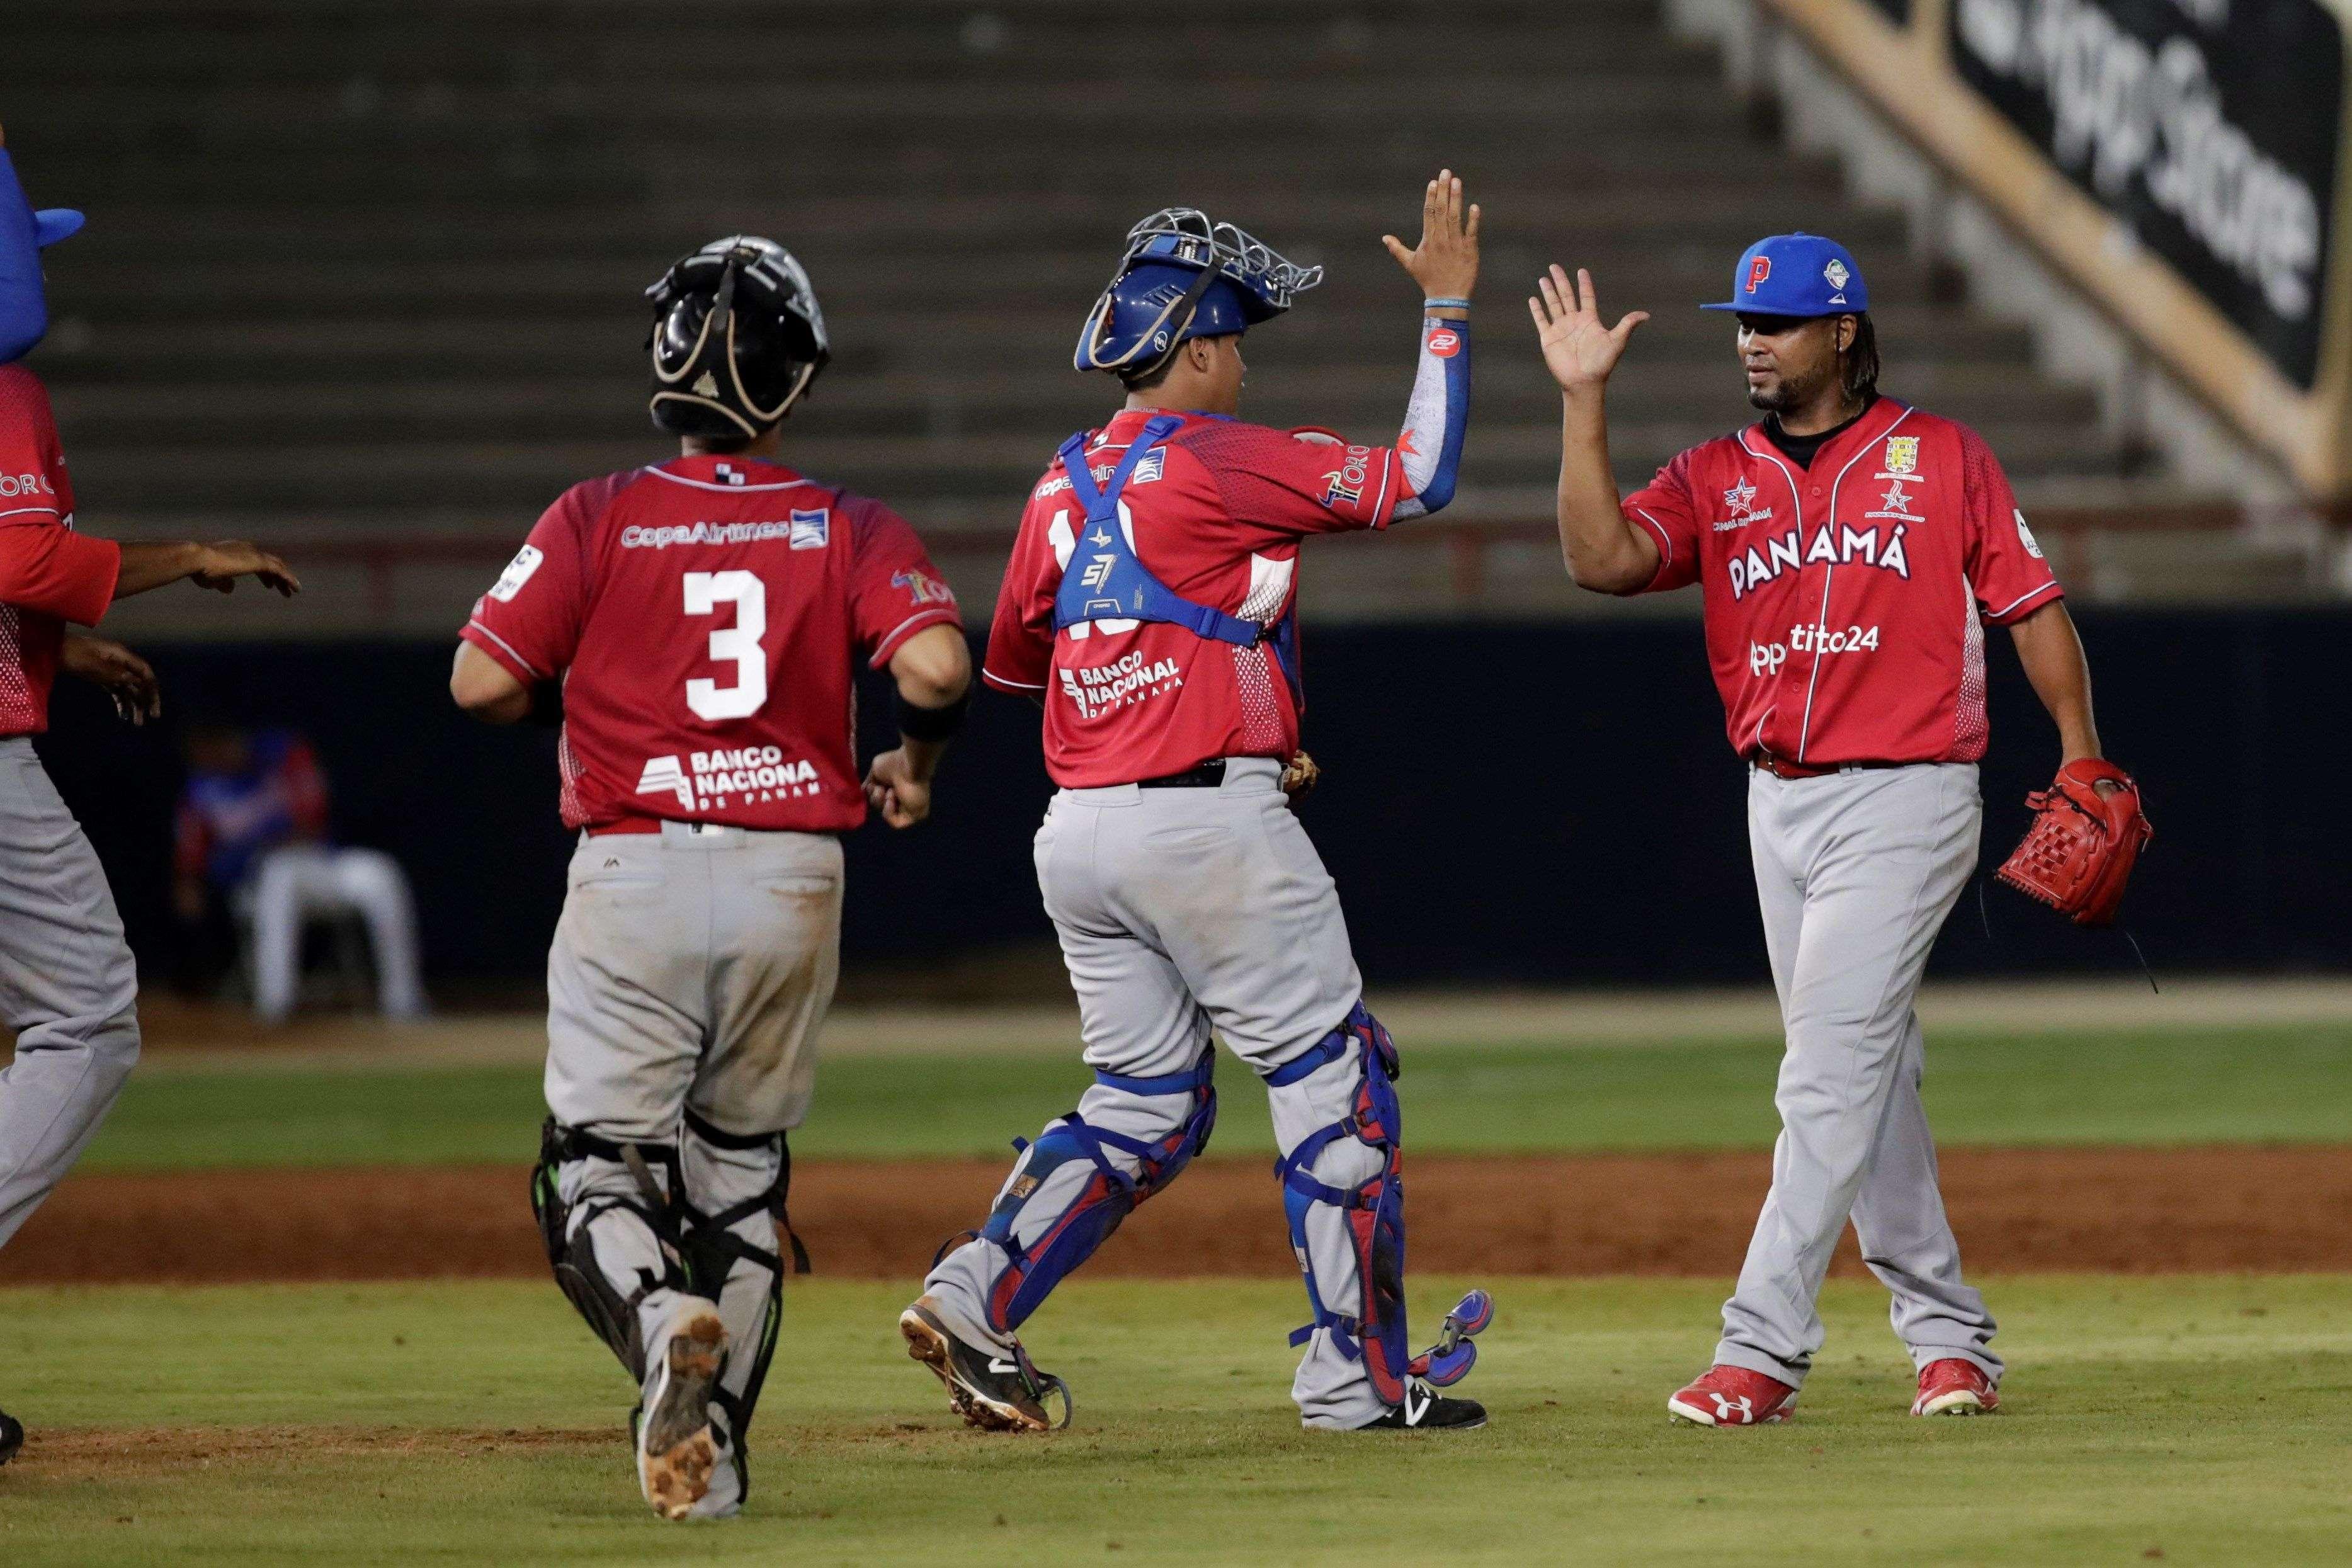 Manuel Corpas (d) de Panamá celebra tras ganar 8-7 a Puerto Rico este miércoles, durante un partido de la Serie del Caribe 2019 en el Estadio Nacional Rod Carew en la Ciudad de Panamá (Panamá). EFE